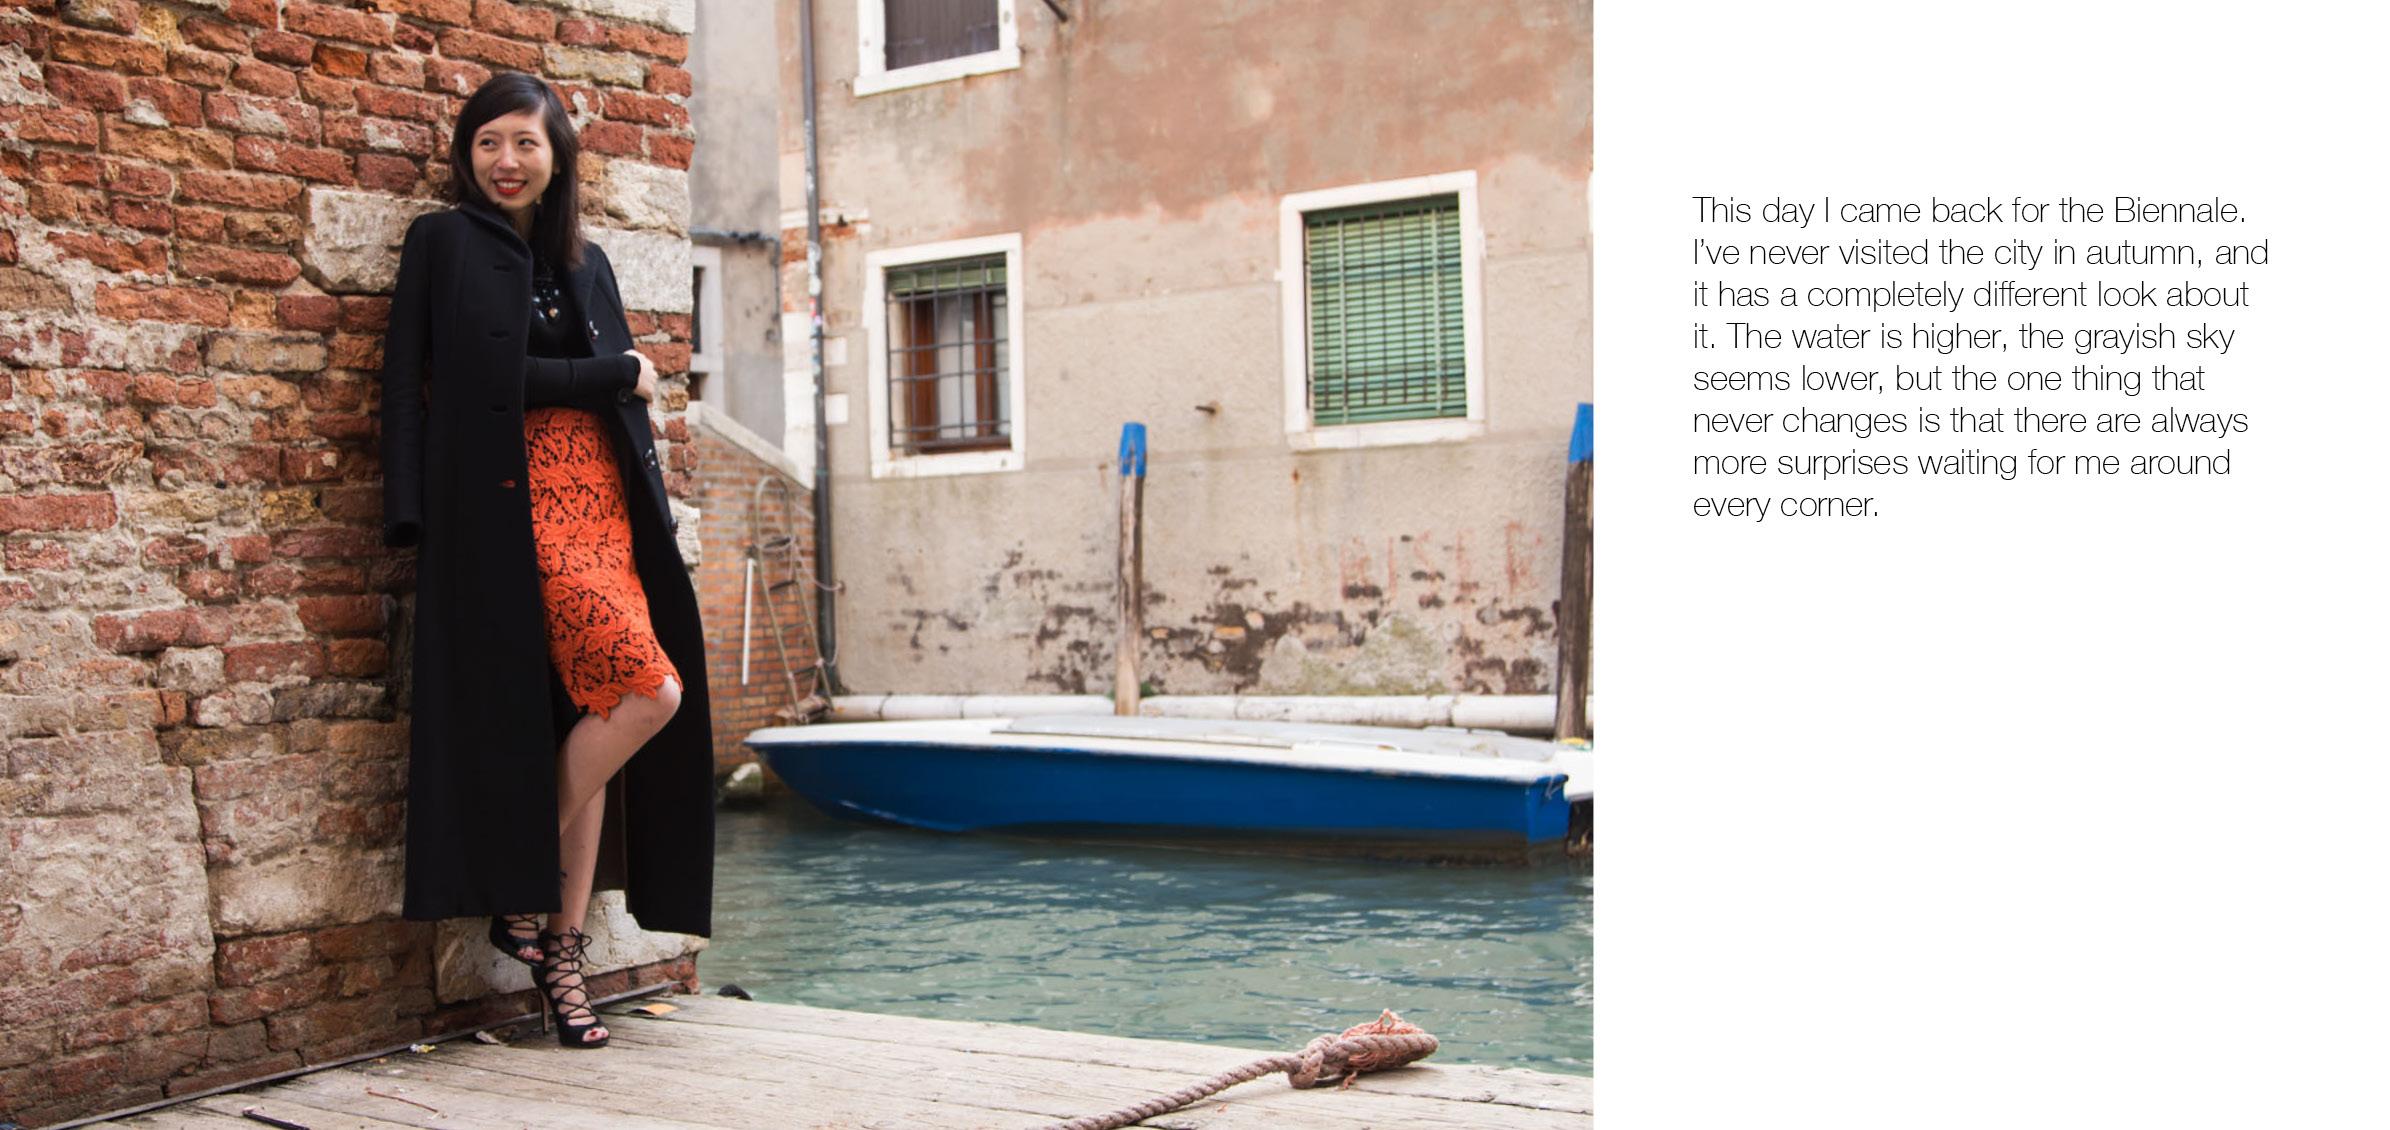 Rice & Shine - Travel Blog - Venice 6.jpg